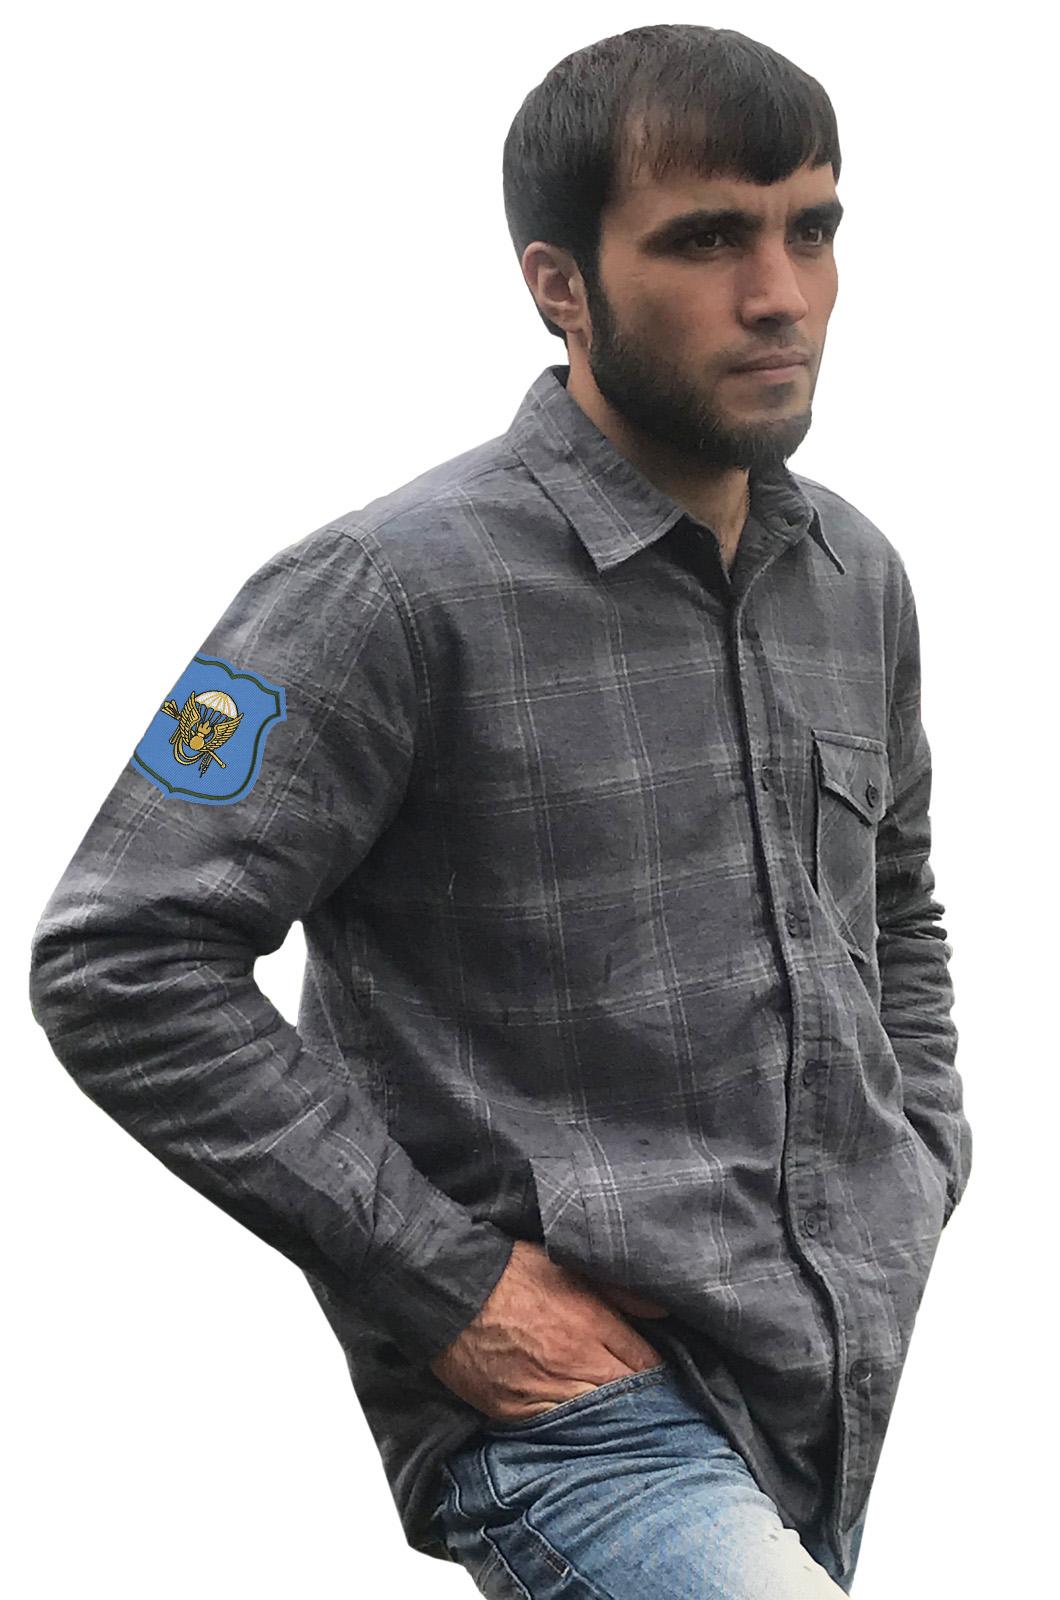 Стильная рубашка с вышитым шевроном Командования ВДВ